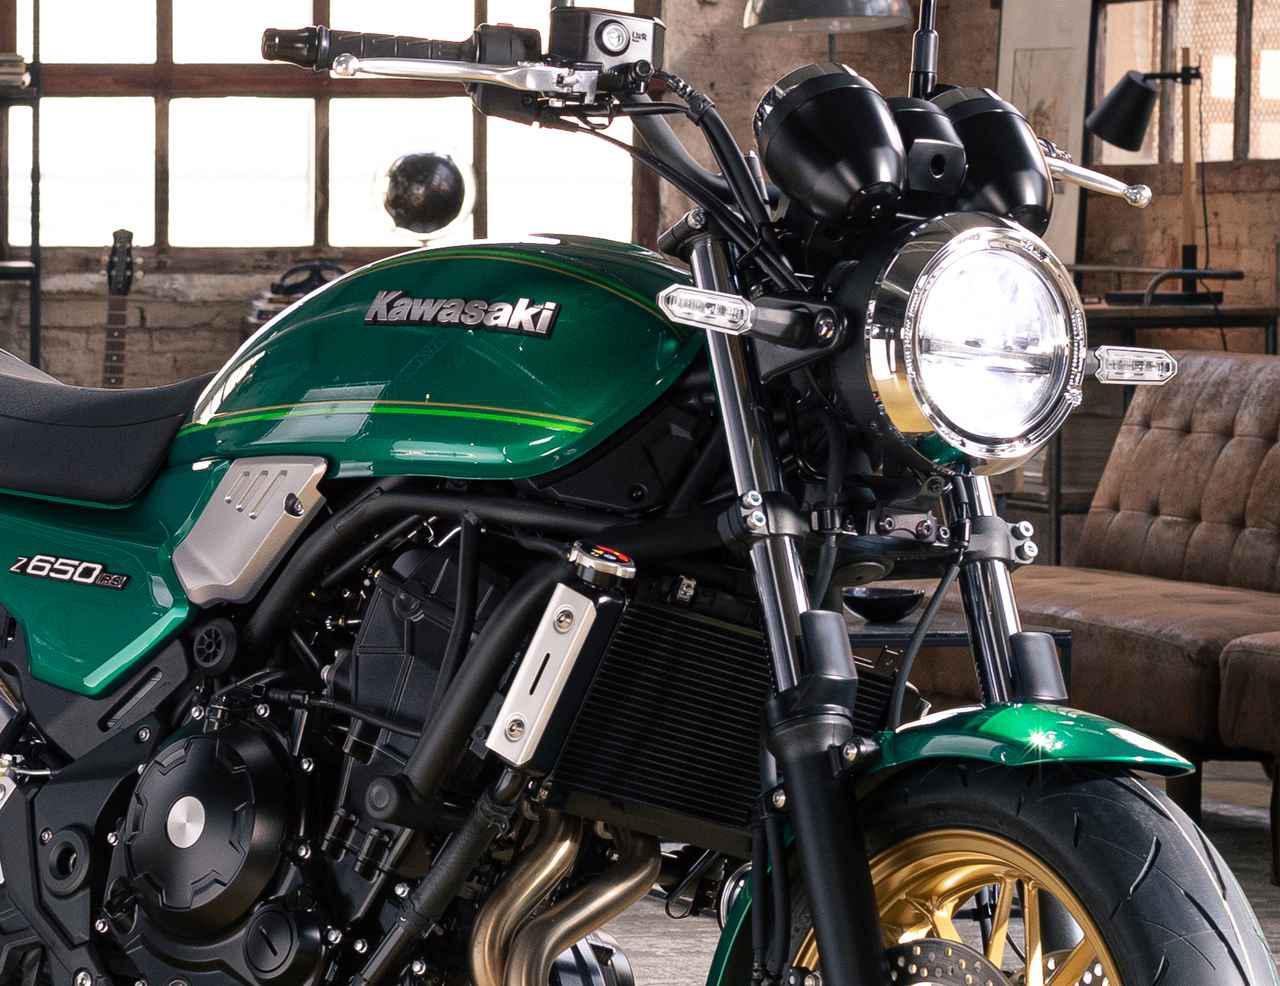 画像: カワサキ「Z650RS」国内モデルに関する情報|発売時期が明らかに! 日本での販売価格も予想【2022速報】 - webオートバイ